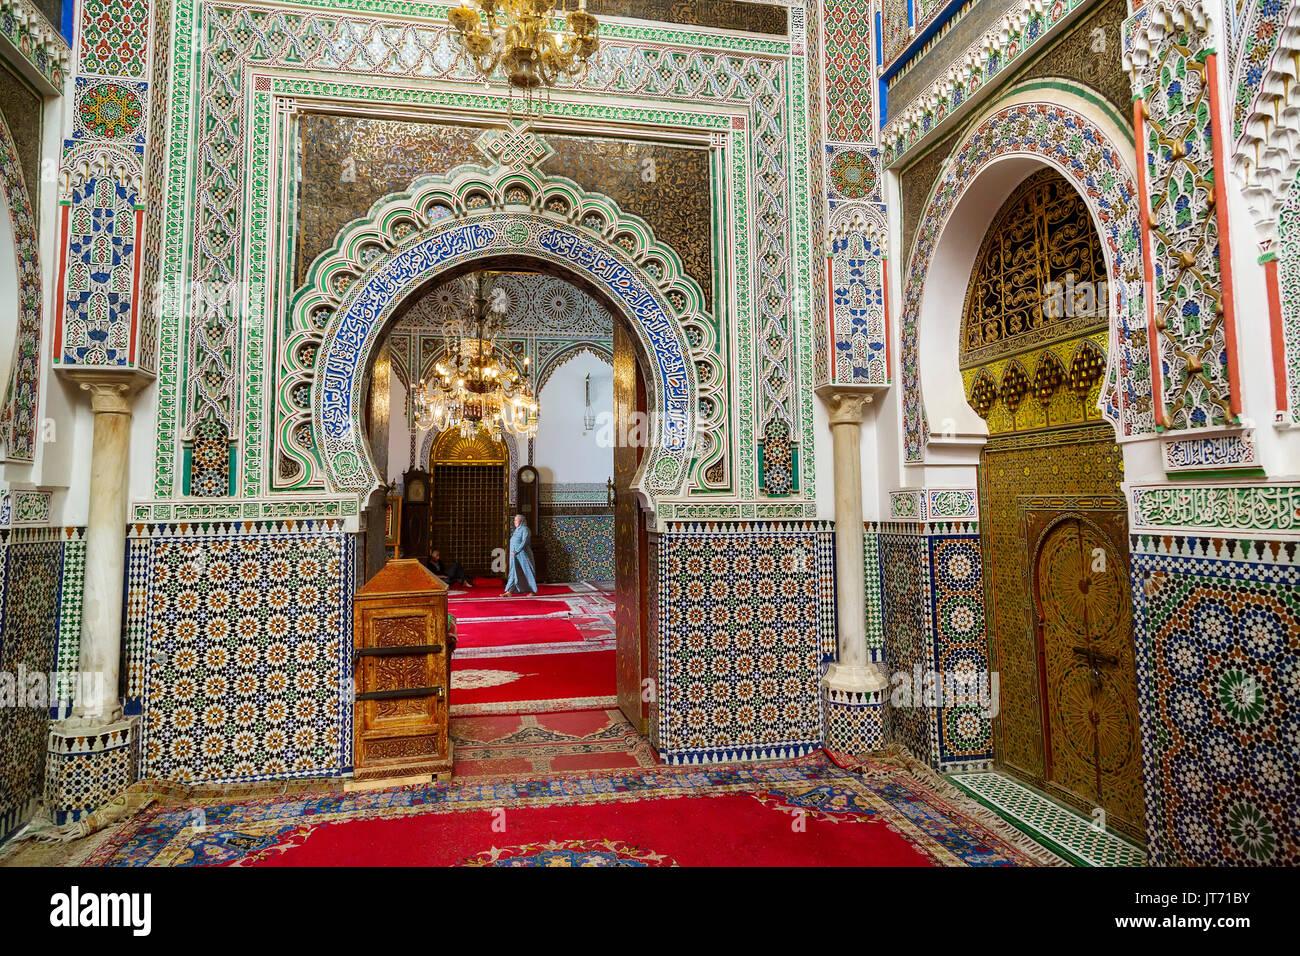 Moulay Idriss II de la mezquita. Souk Medina de Fez, Fes el Bali. Marruecos, Magreb, África del Norte Imagen De Stock